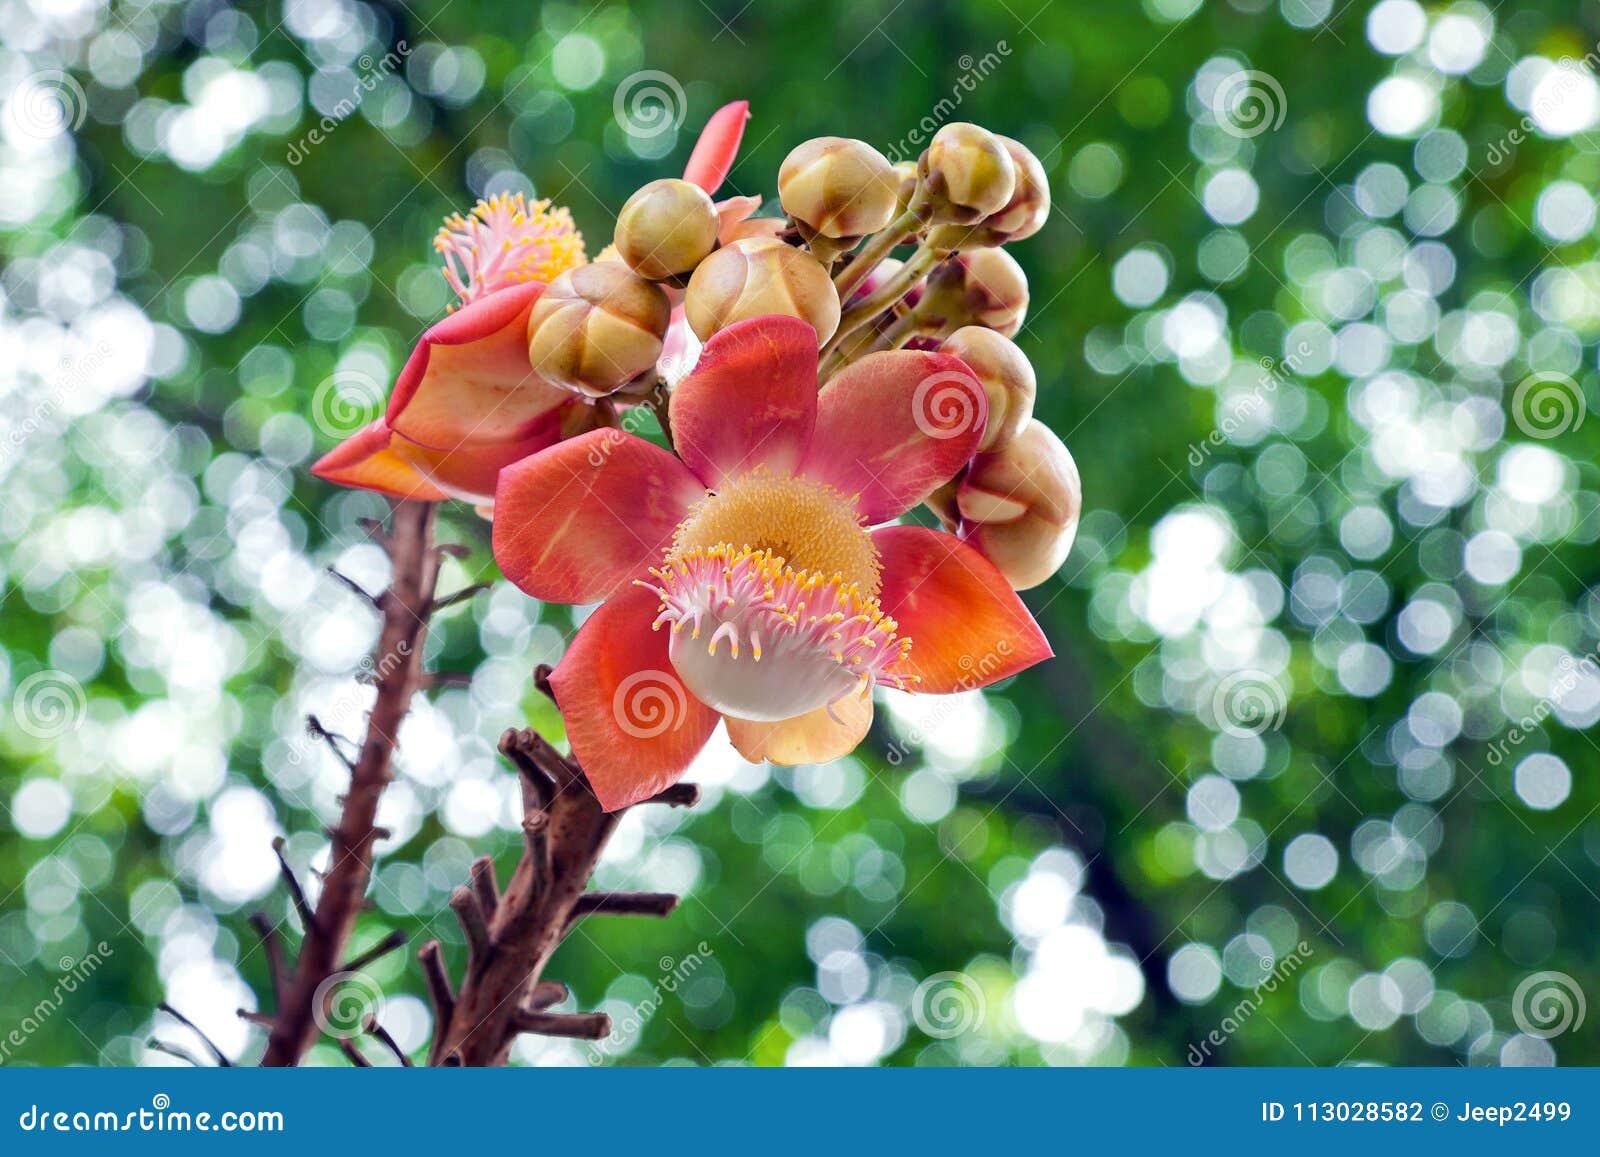 Flor del árbol de la bola de cañón